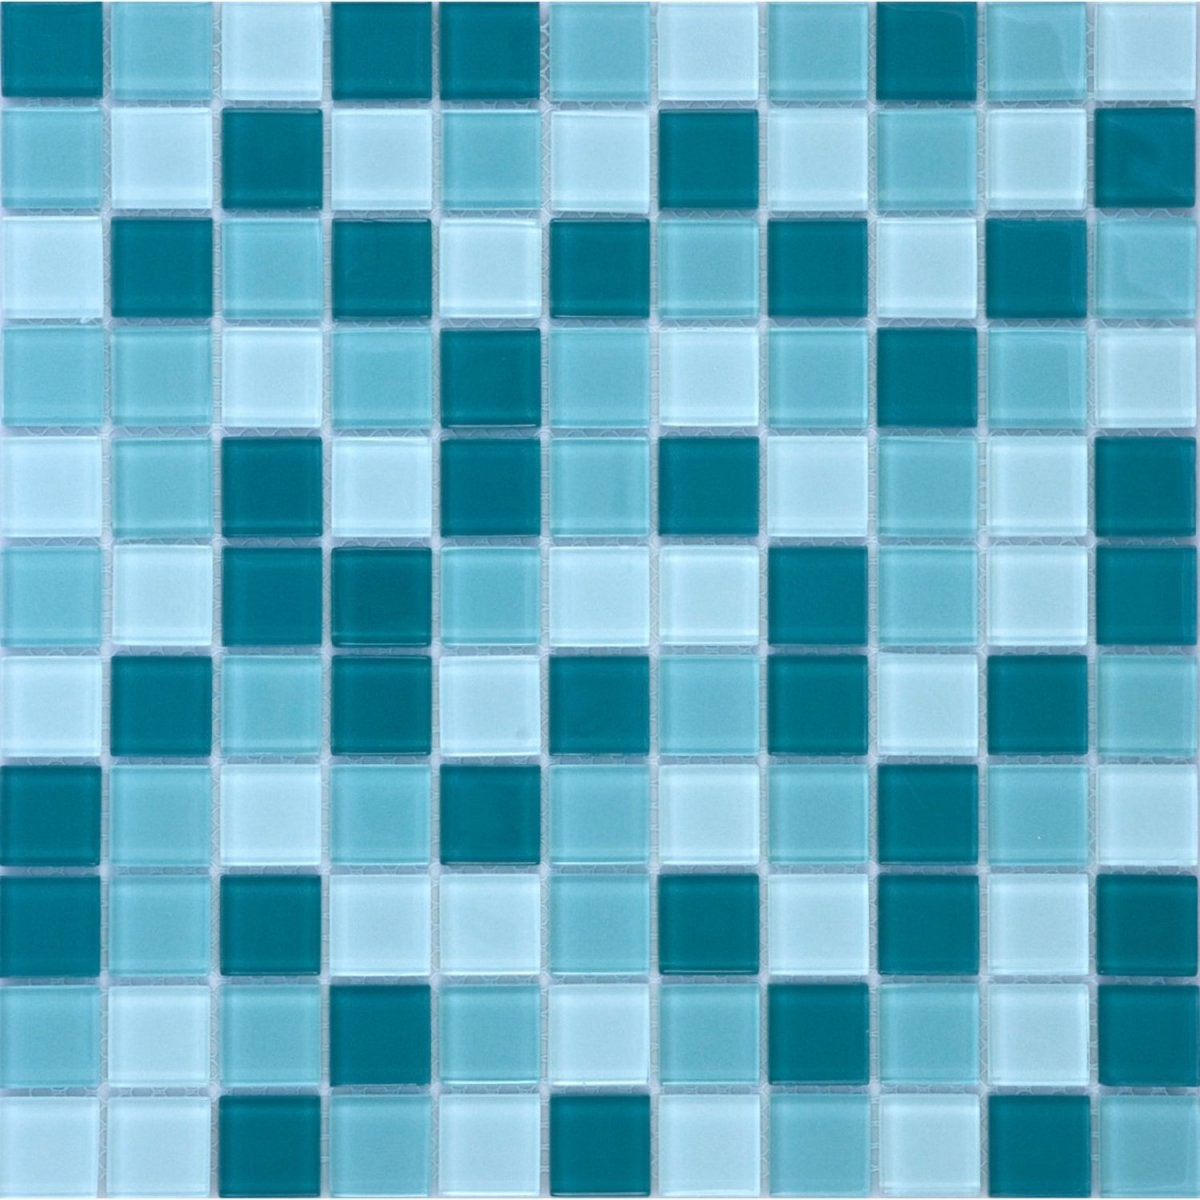 Mosaik Online Kaufen Bei Obi von Mosaik Fliesen Türkis Bad Bild